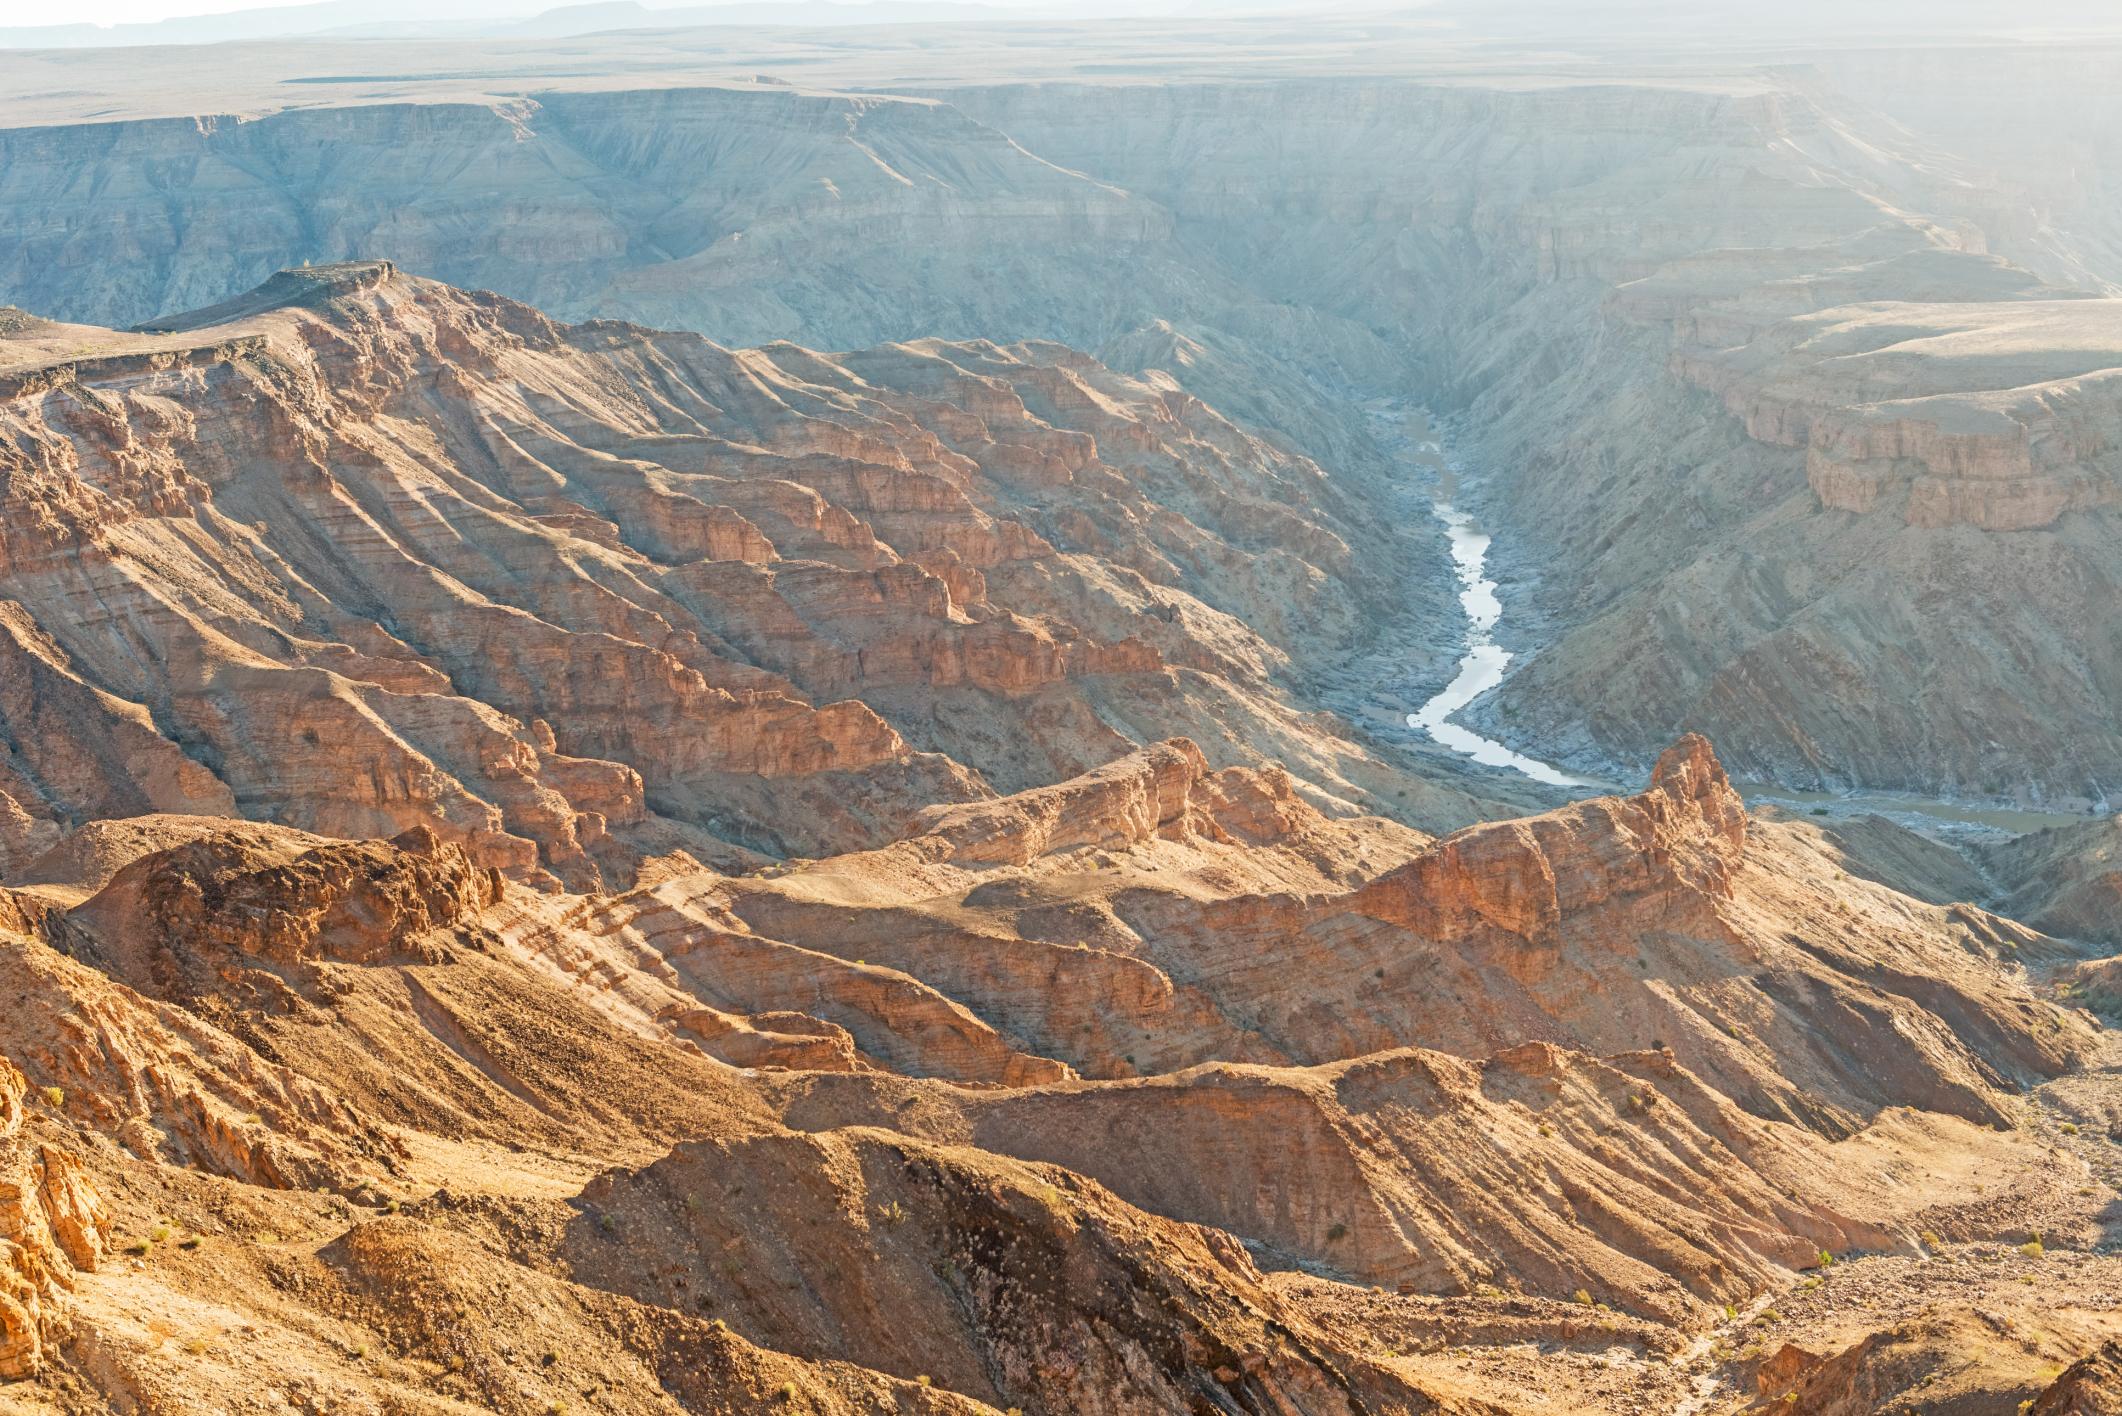 Fish River Canyon, no sul da Namíbia